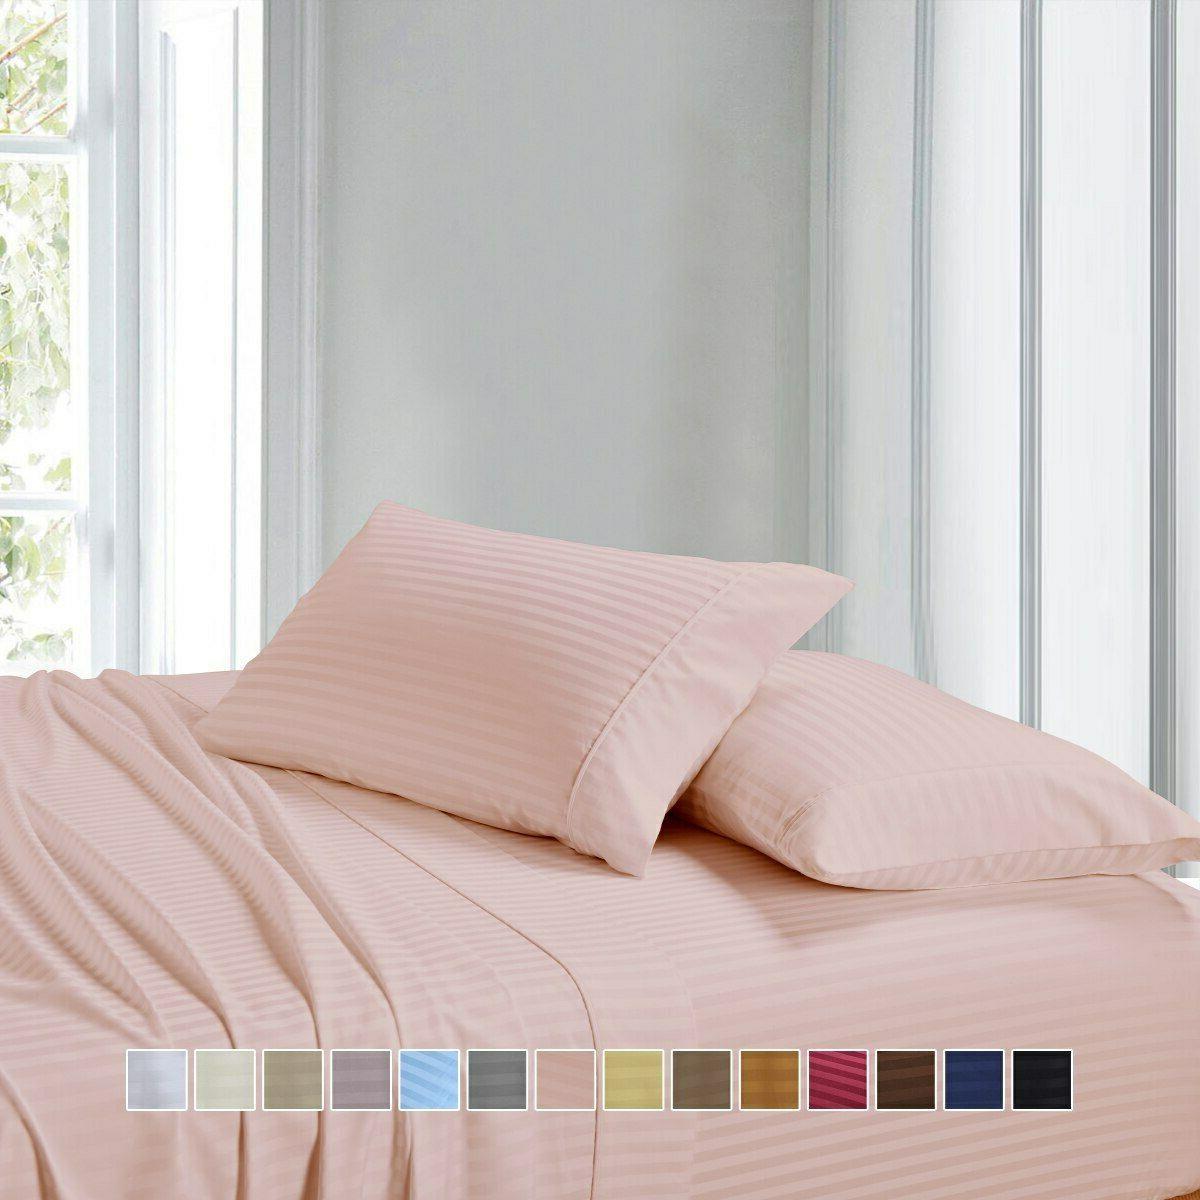 split king sheets 100 percent cotton 300